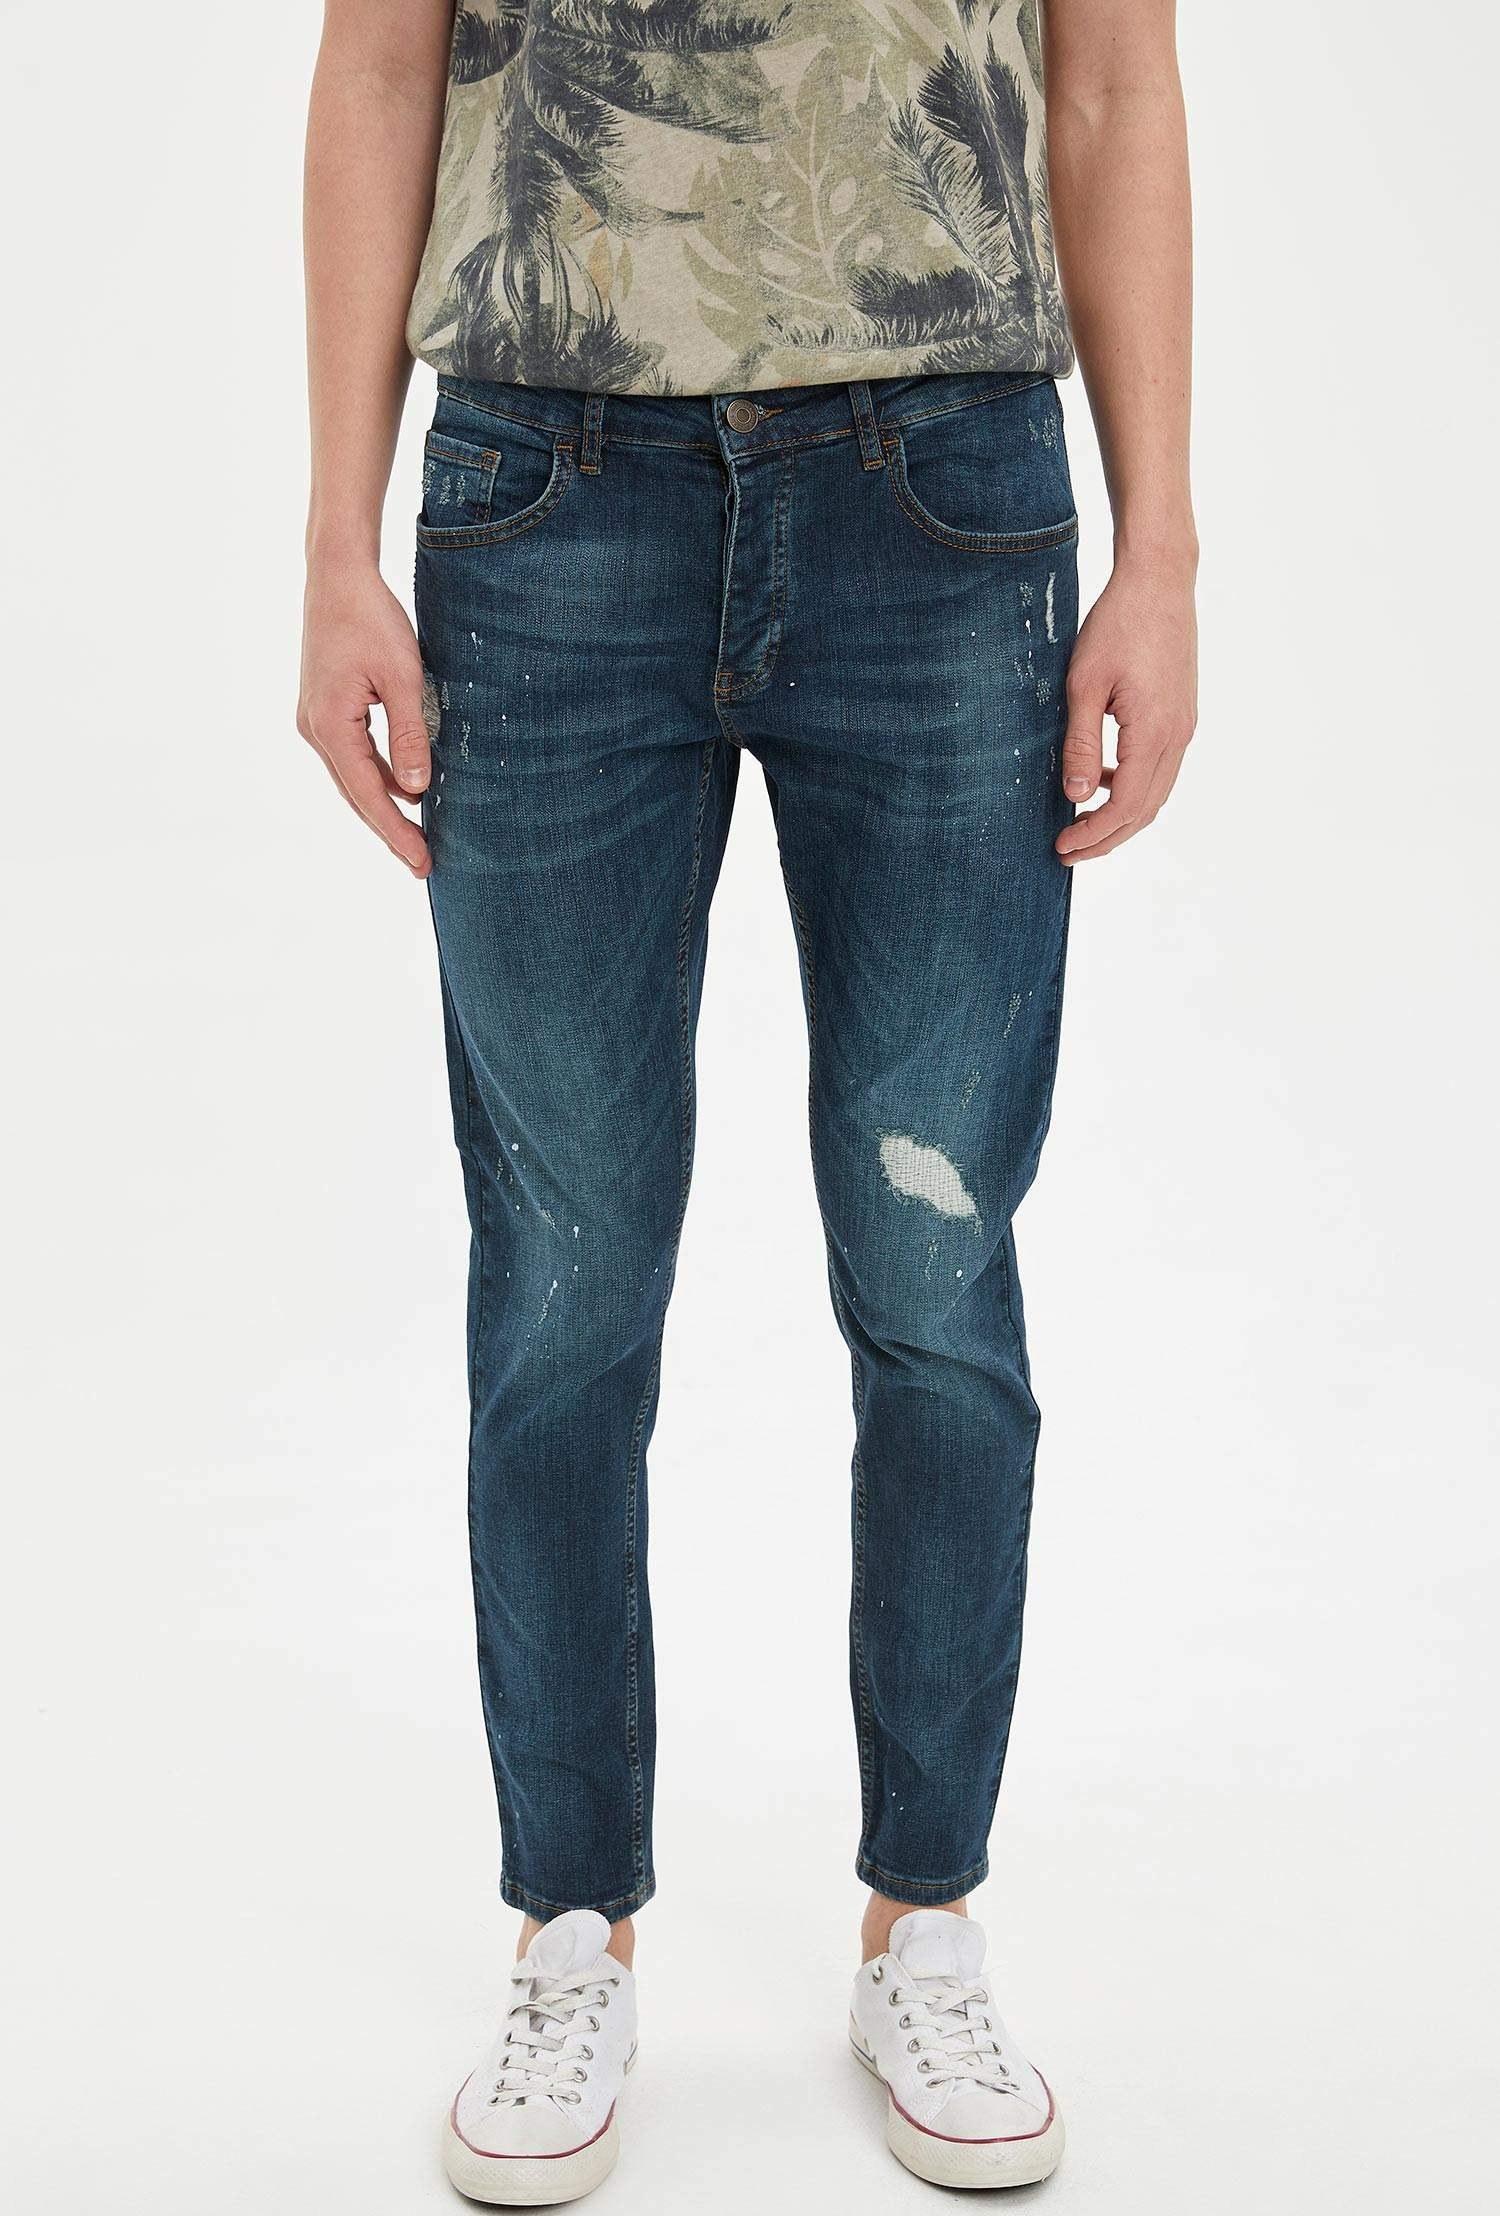 تصویر شلوار جین مخروطی زاپ دار مردانه